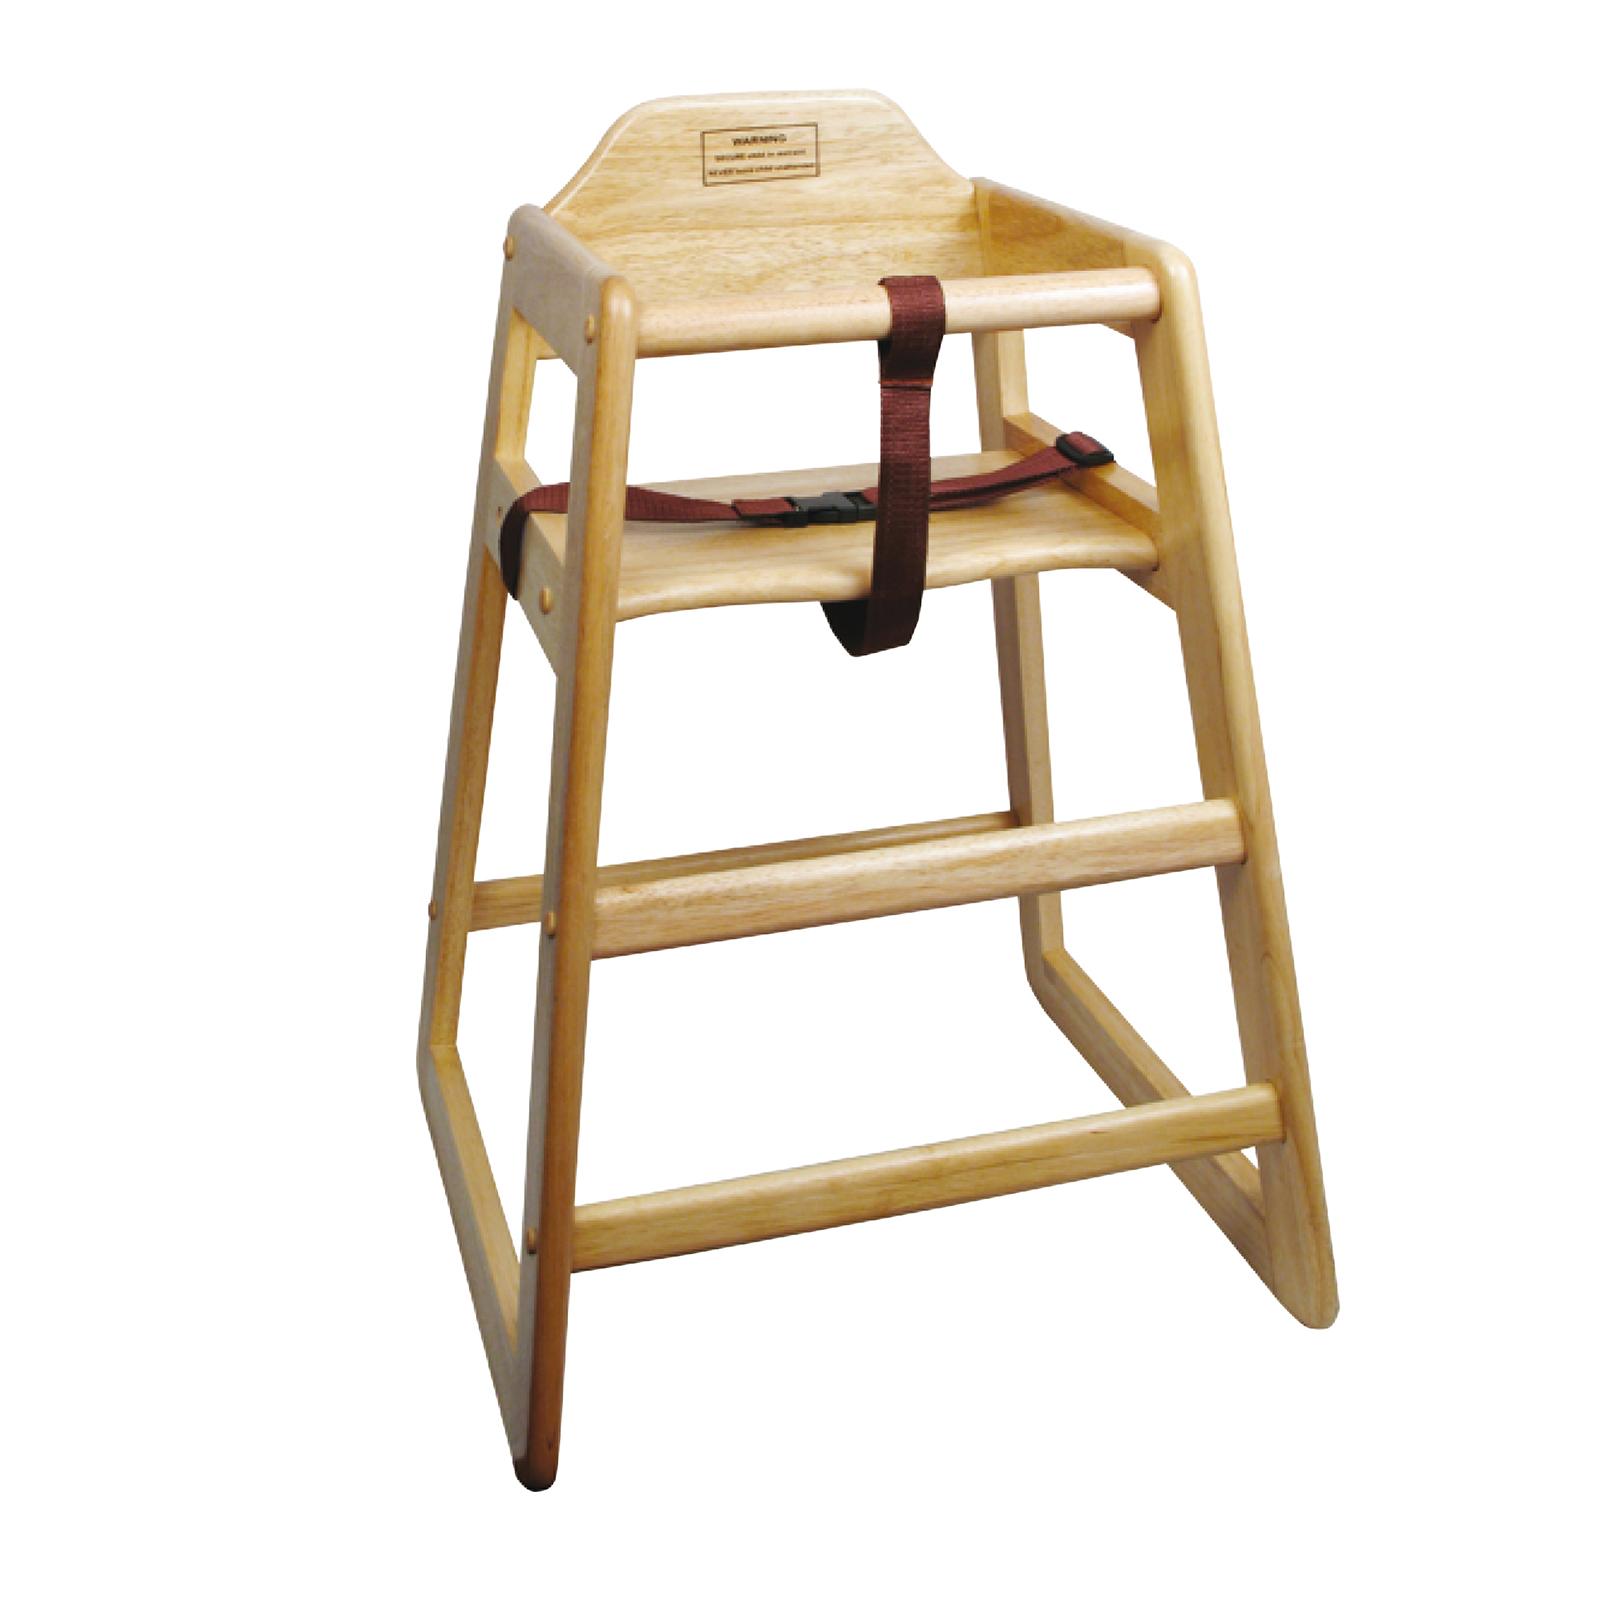 4850-75 Winco CHH-101A high chair, wood Assembled